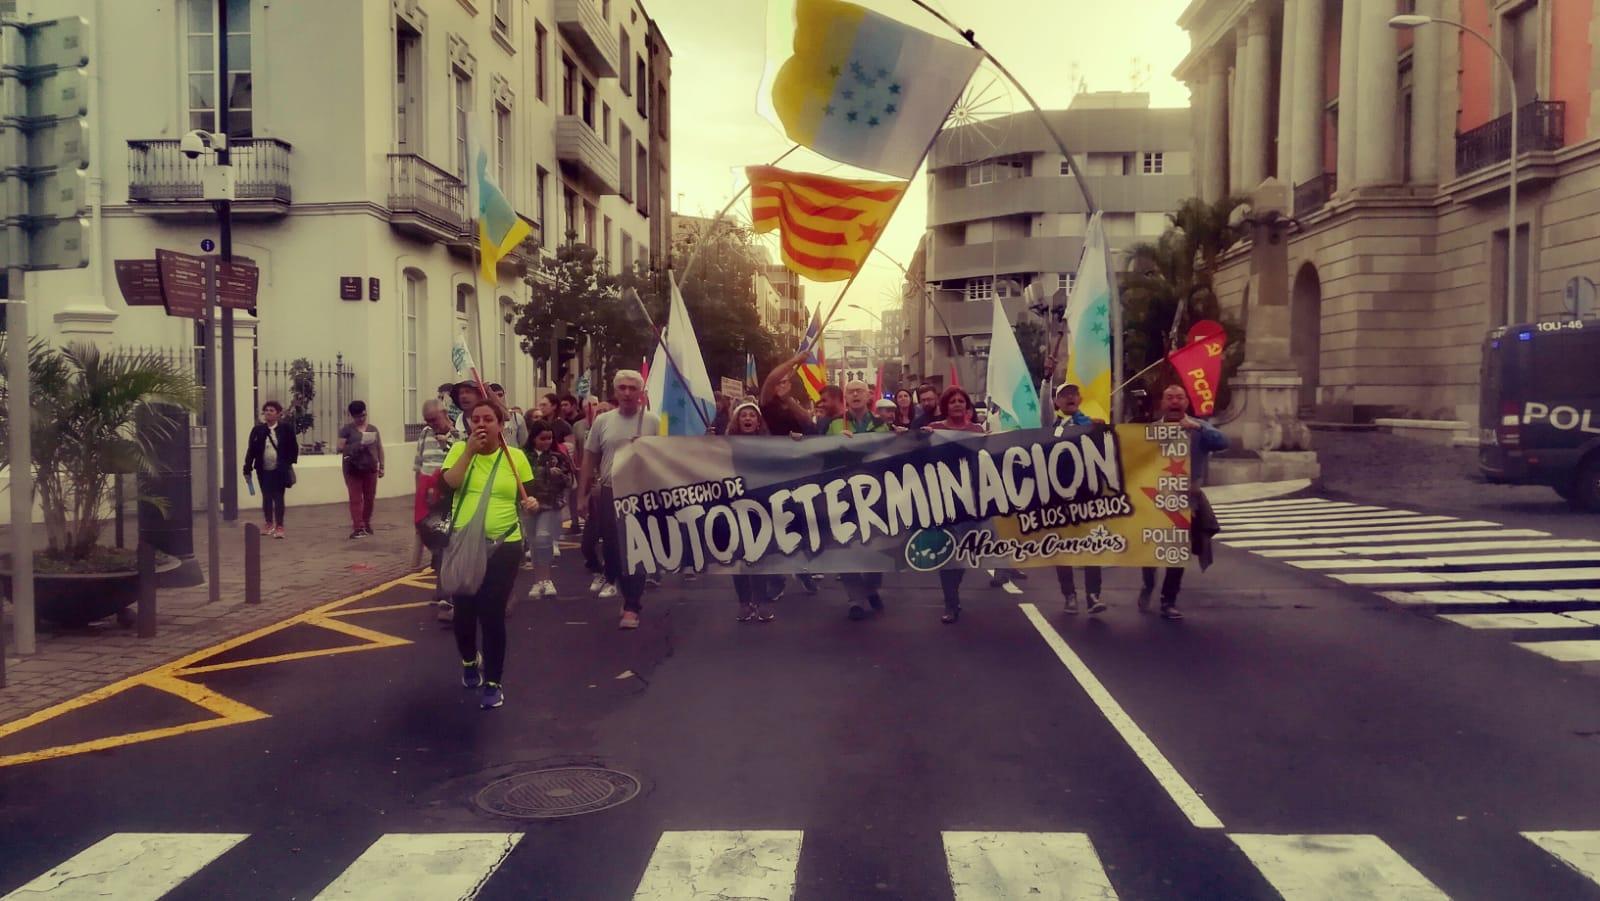 AHORA CANARIAS insta a España a tomar una vía diplomática para resolver pacíficamente un conflicto creado por el propio Estado